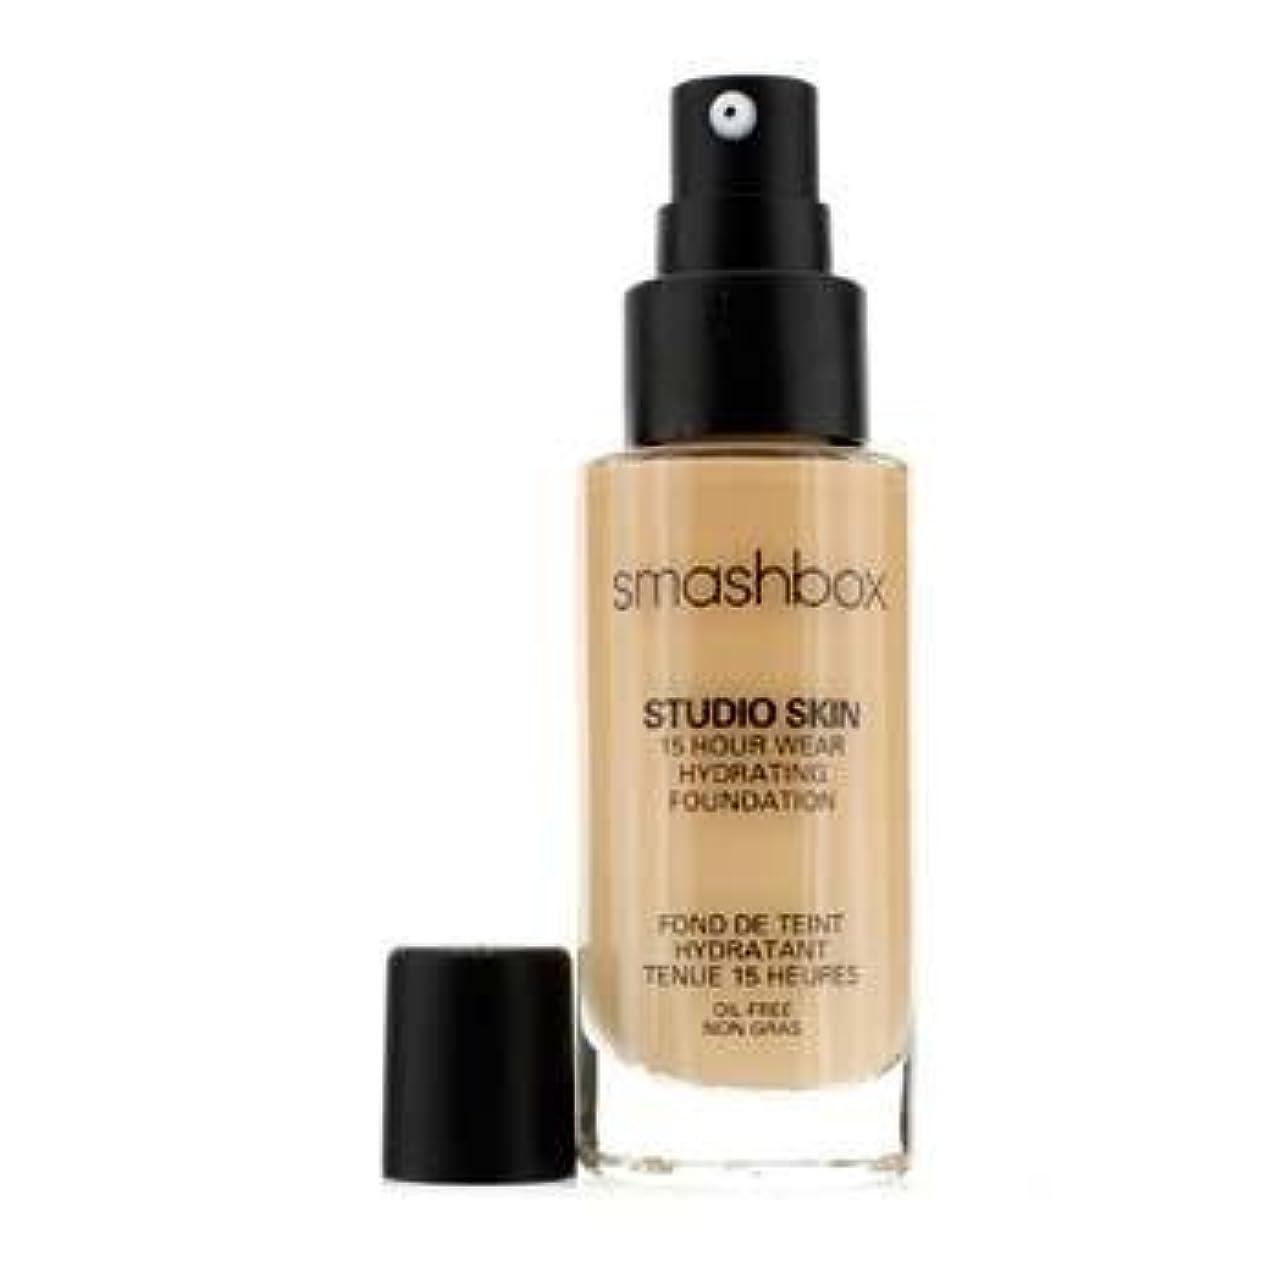 かるゴム遺体安置所スマッシュボックス Studio Skin 15 Hour Wear Hydrating Foundation - # 2.1 Light Beige 30ml/1oz並行輸入品